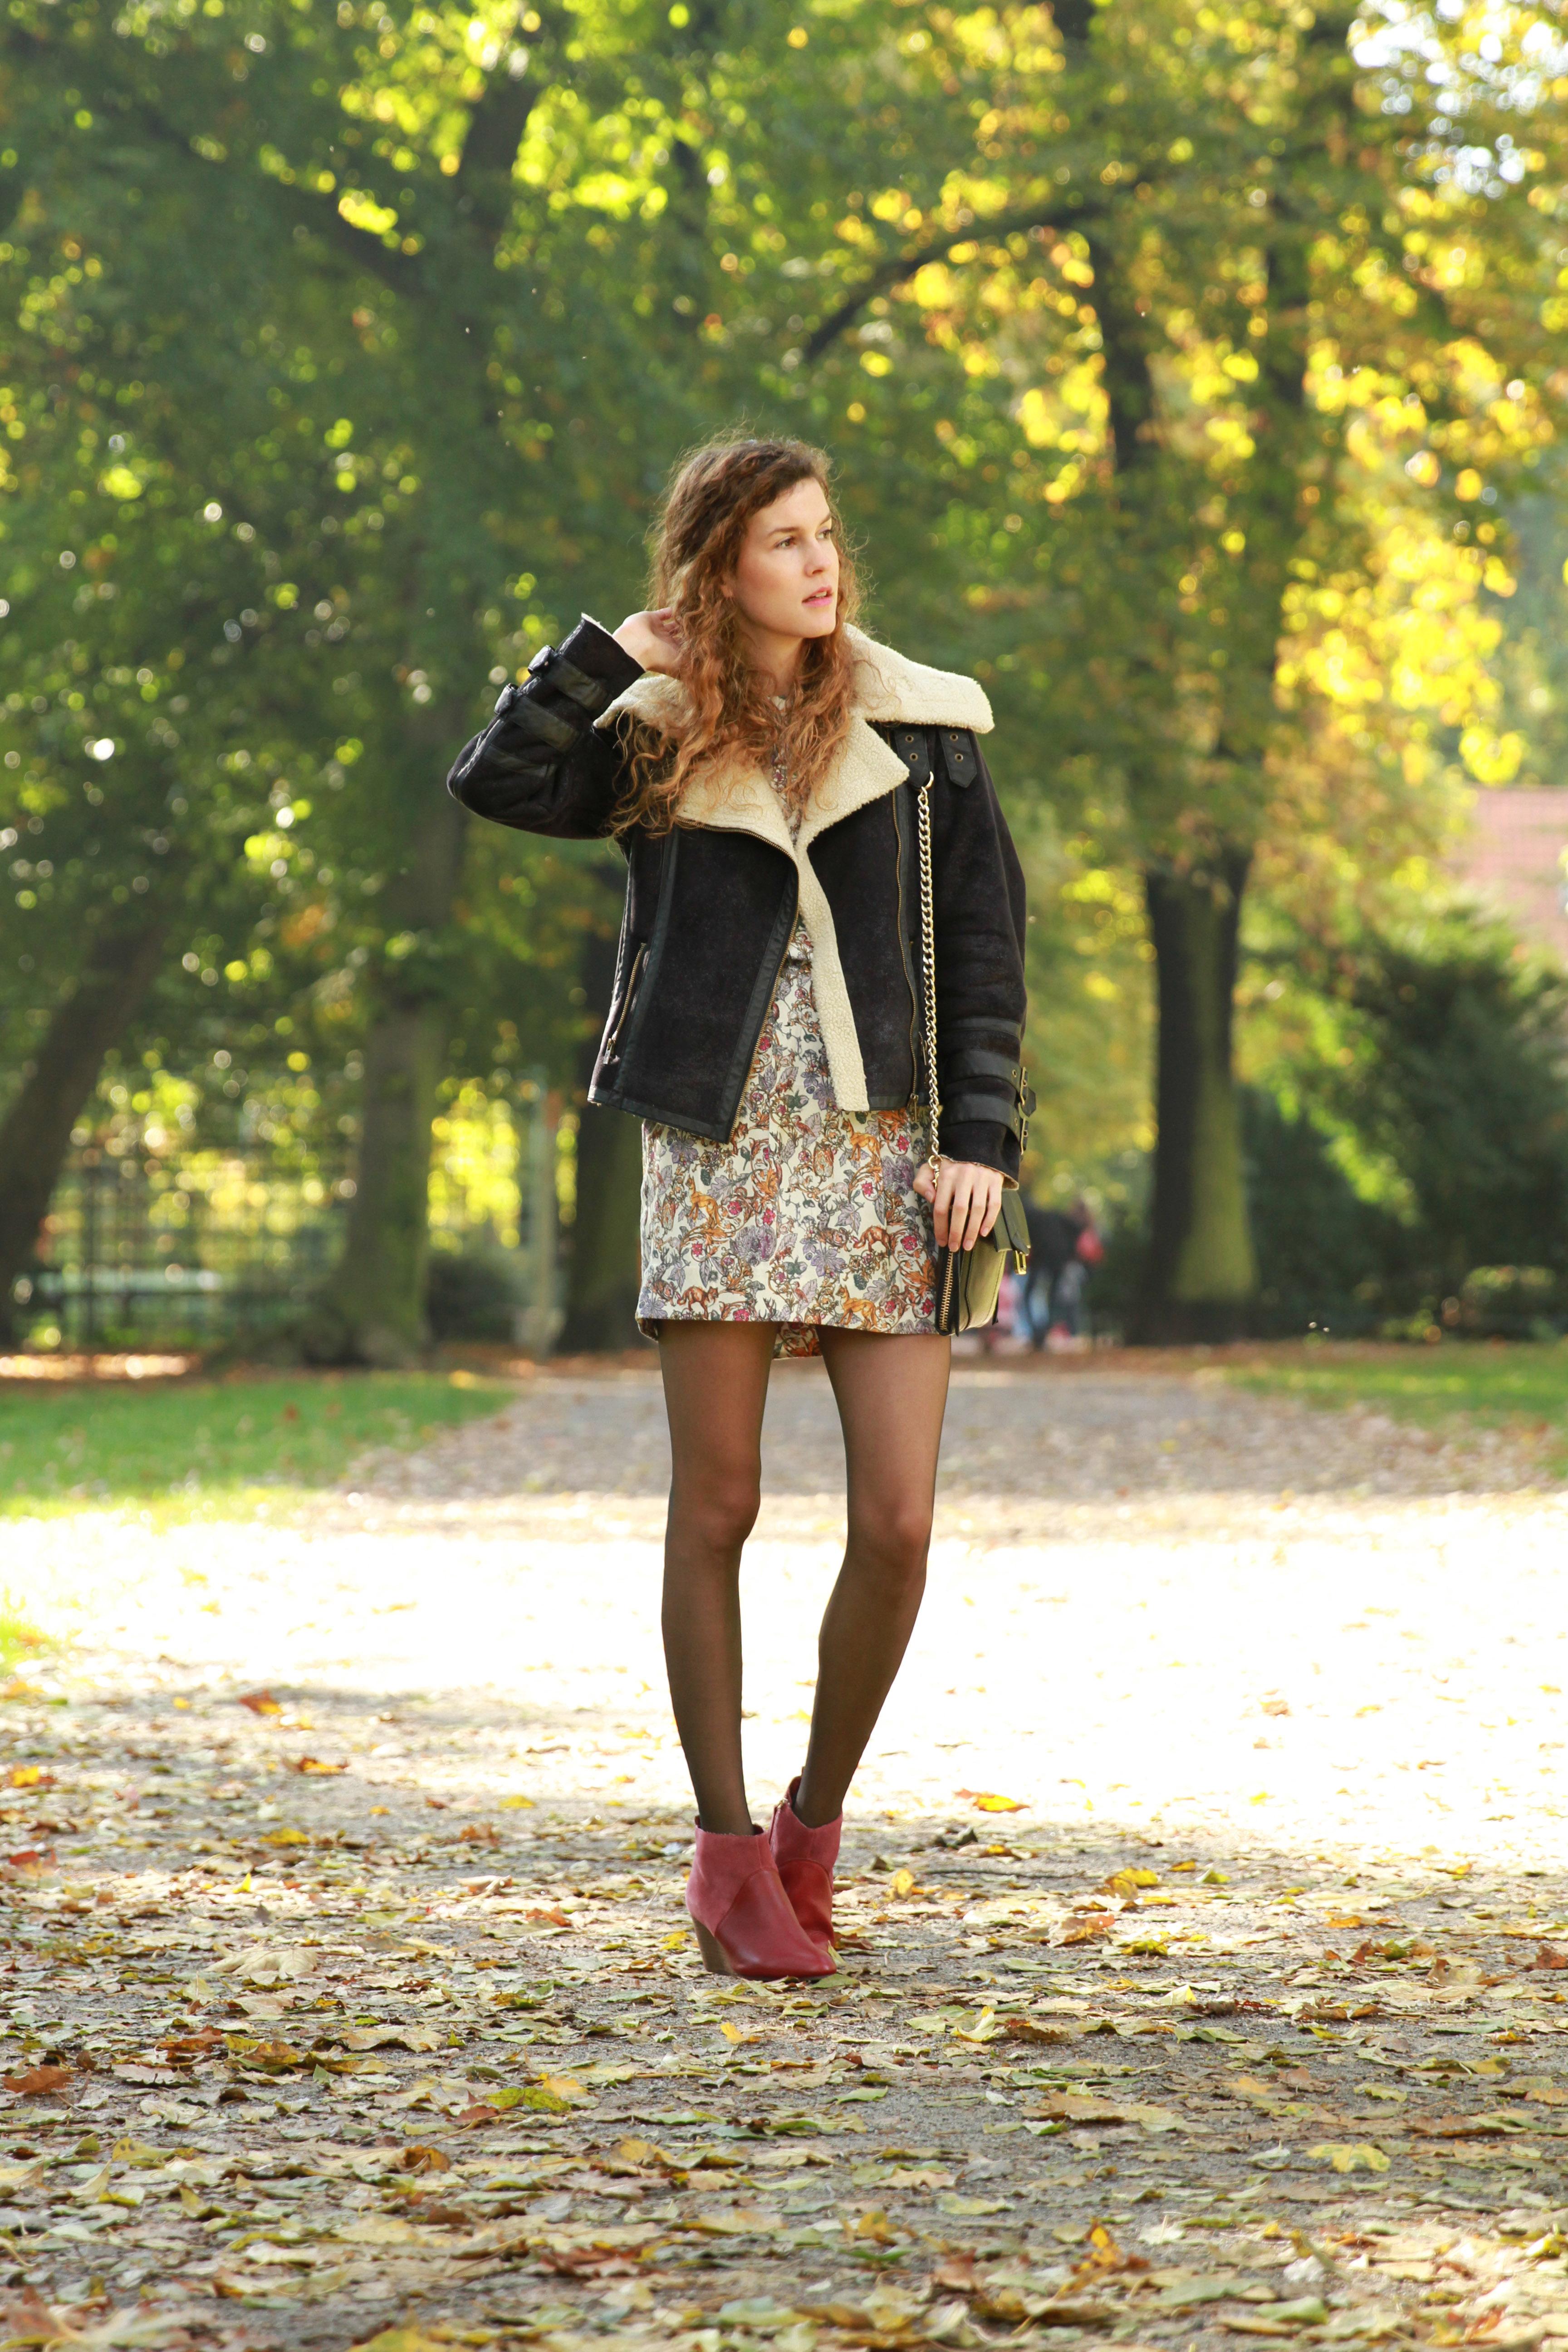 autumn dress and bordeaux wedges